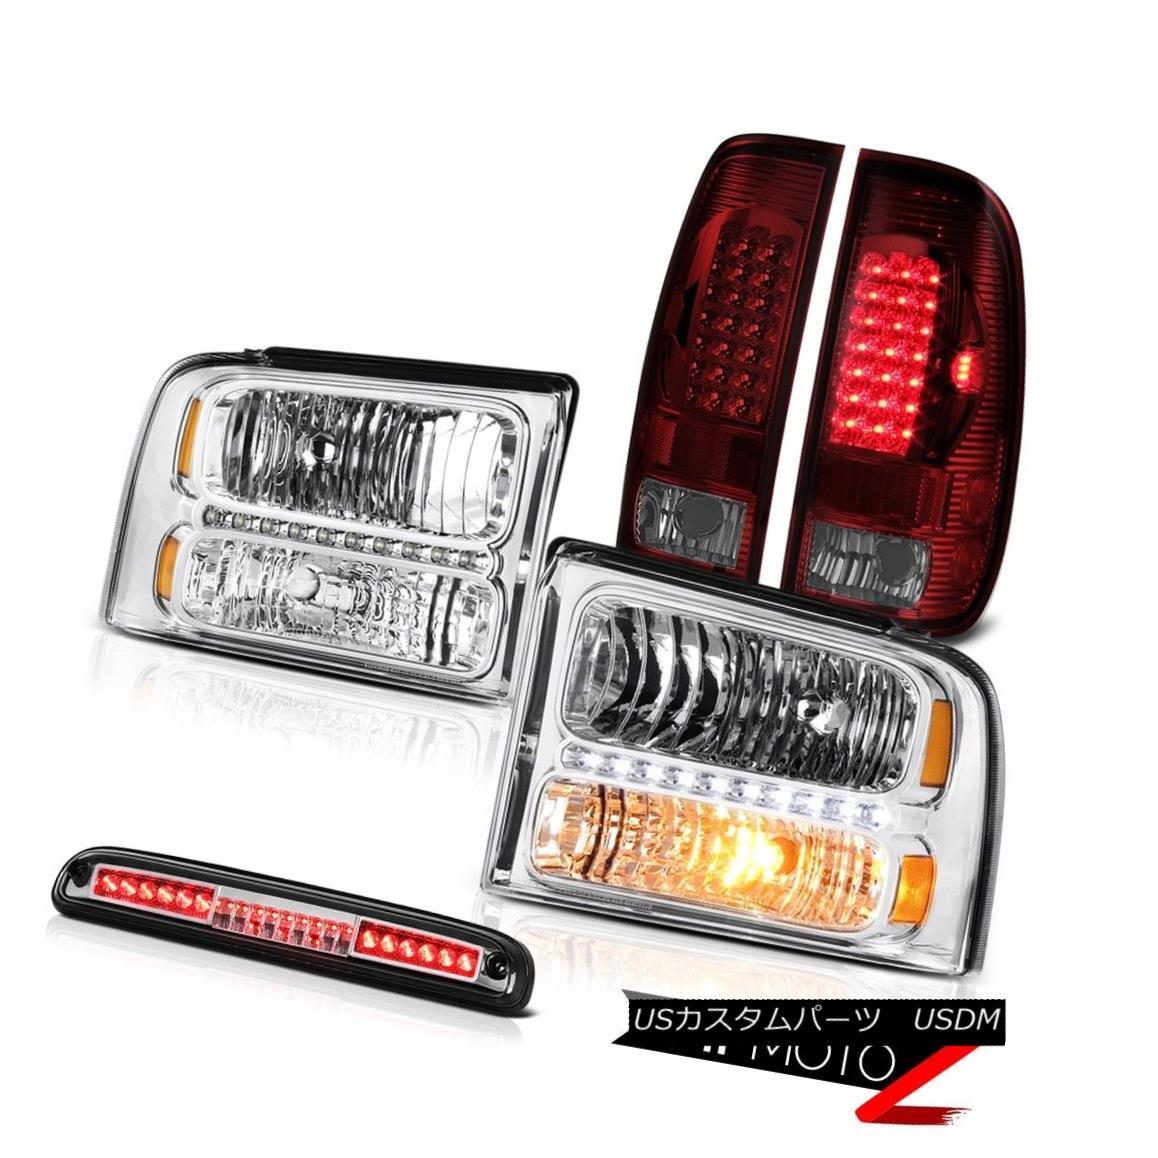 ヘッドライト 2005-2007 Ford F550 Front Clear Headlights Rear Tail Lights LED High Stop Chrome 2005-2007 Ford F550フロントクリアヘッドライトリアテールライトLEDハイストップクローム